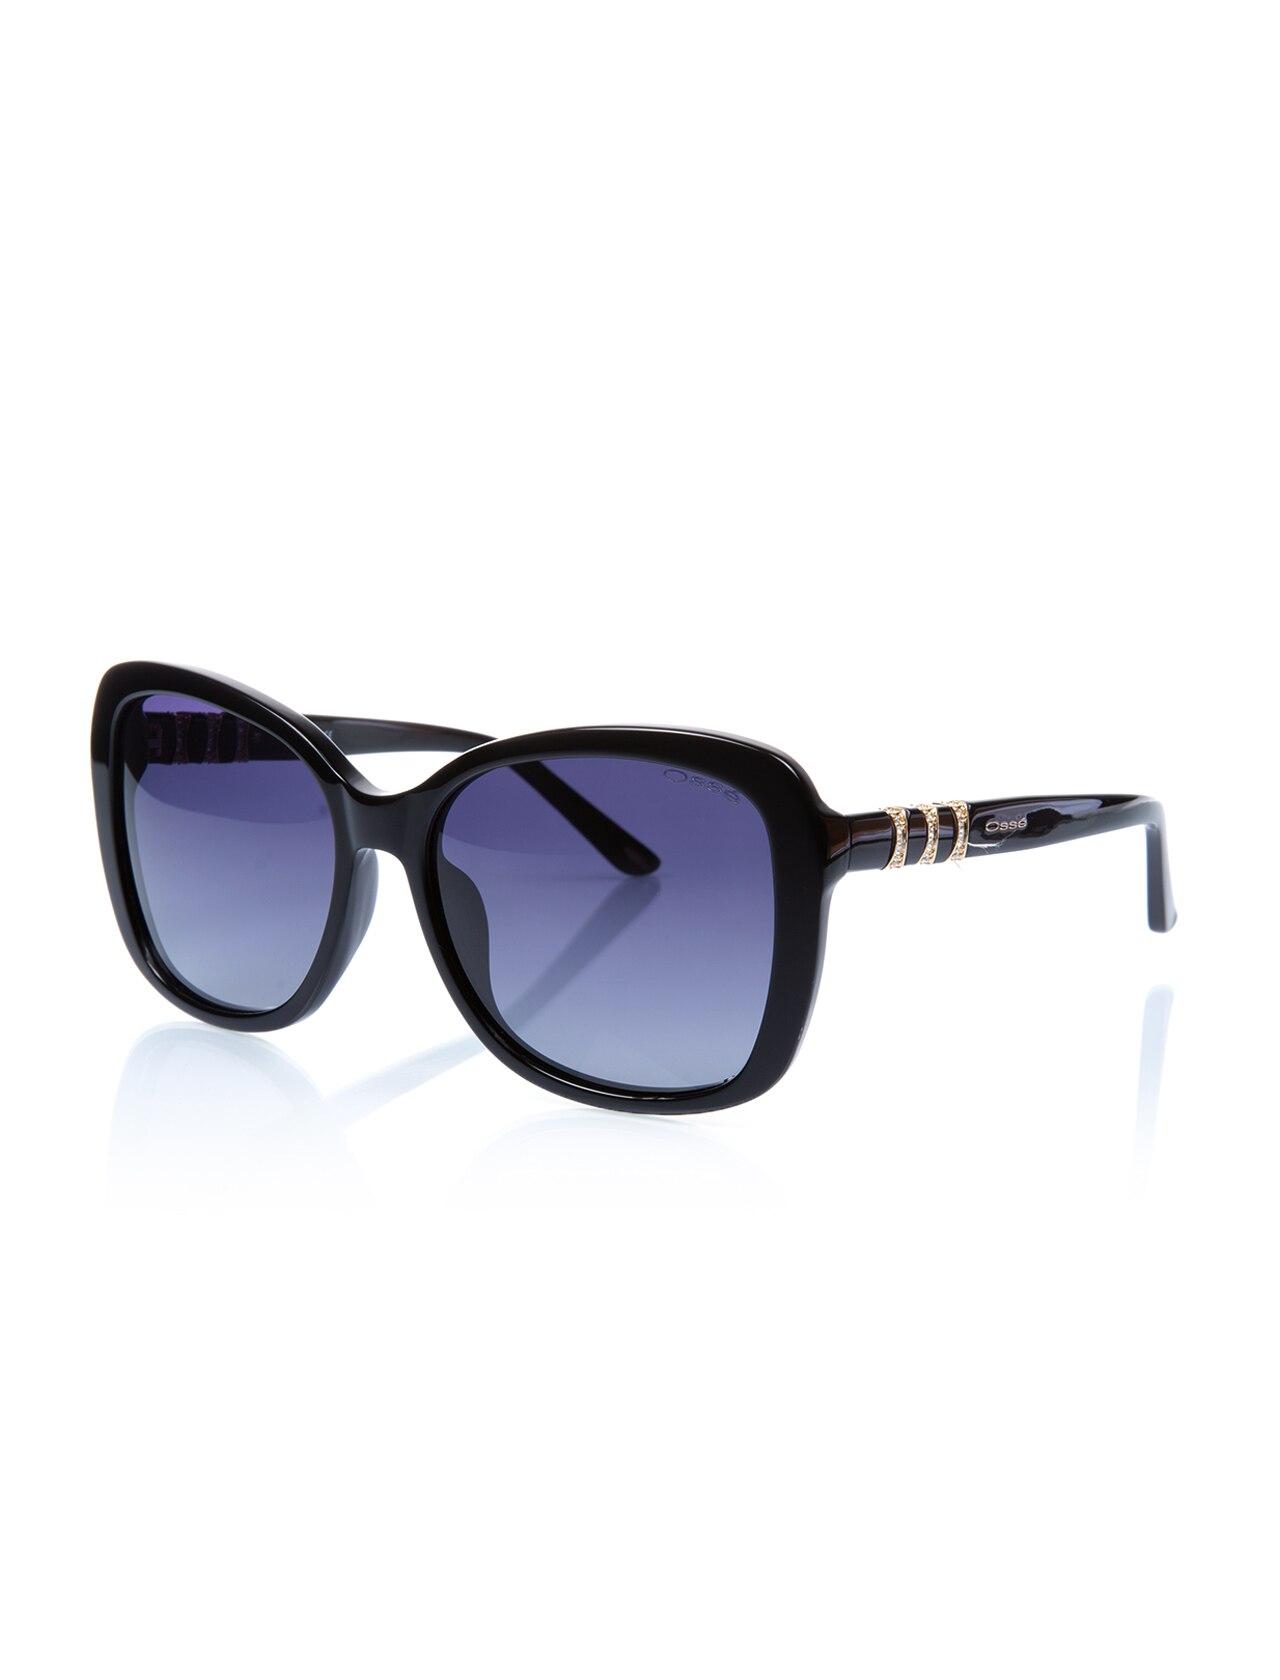 Women's sunglasses os 2356 01 bone black organic square square 57-17-137 osse